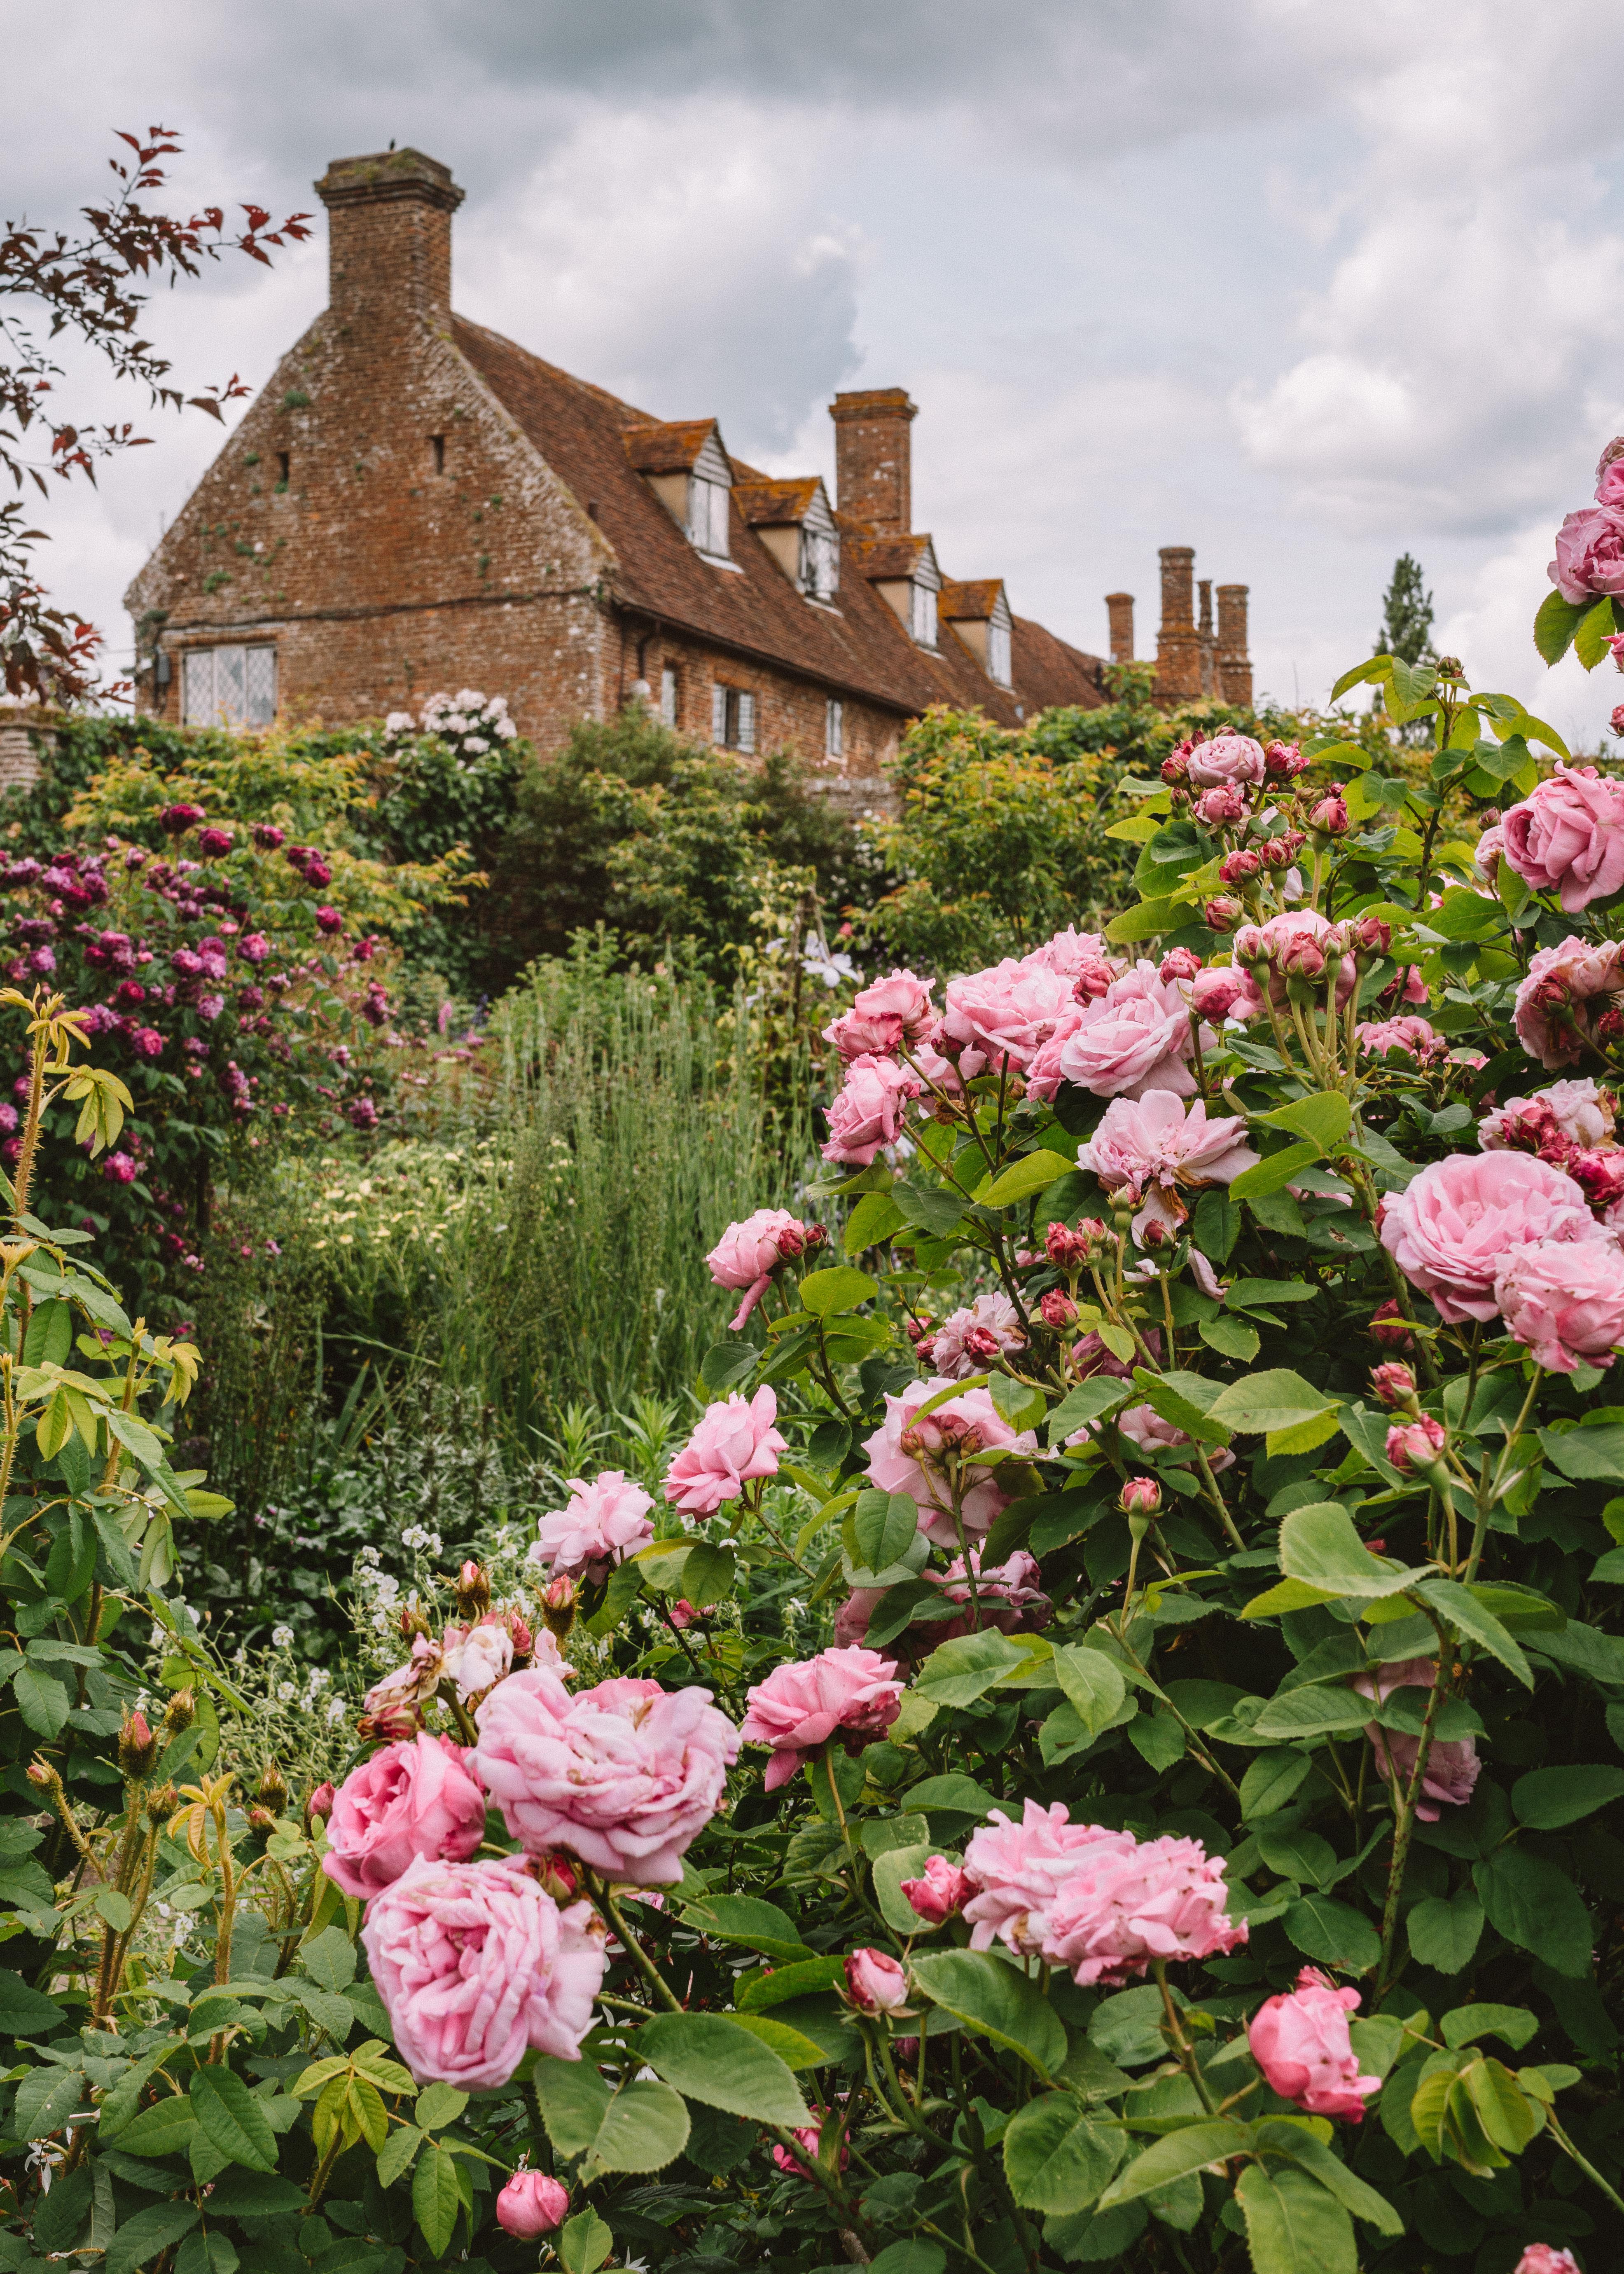 Roses at Sissinghurst Castle Gardens